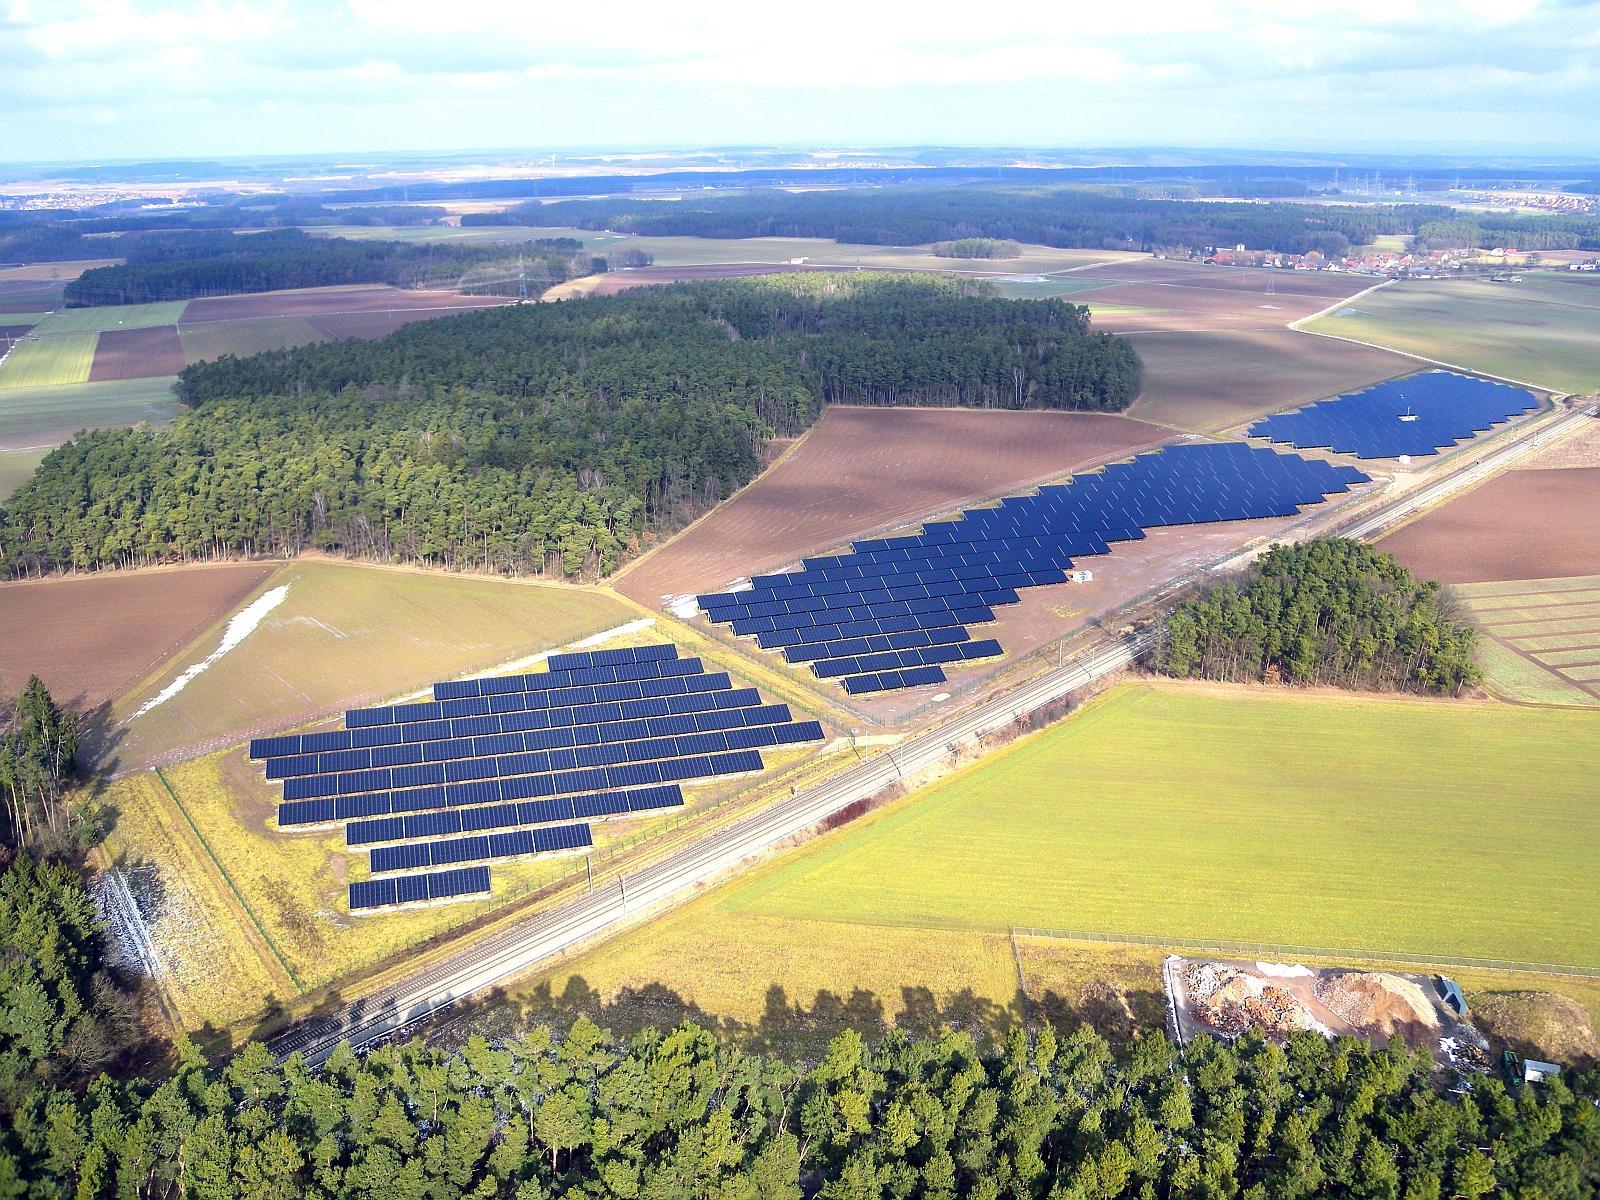 IW-CIGSTech 10 – 10th International Workshop on CIGS Solar